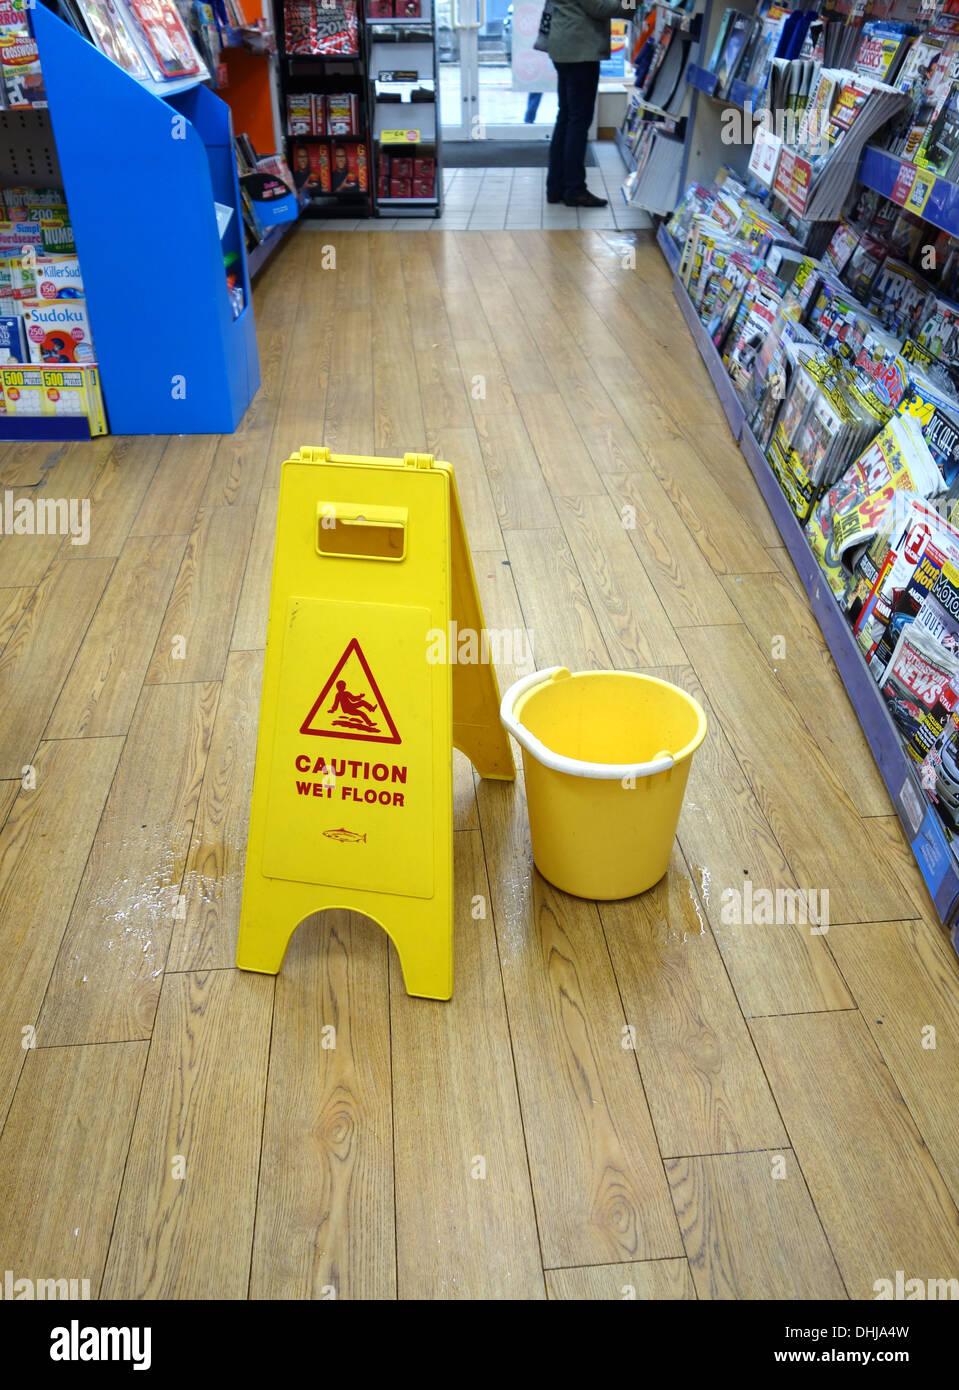 Un messaggio di attenzione ' pavimento bagnato ' firmare in un negozio Immagini Stock